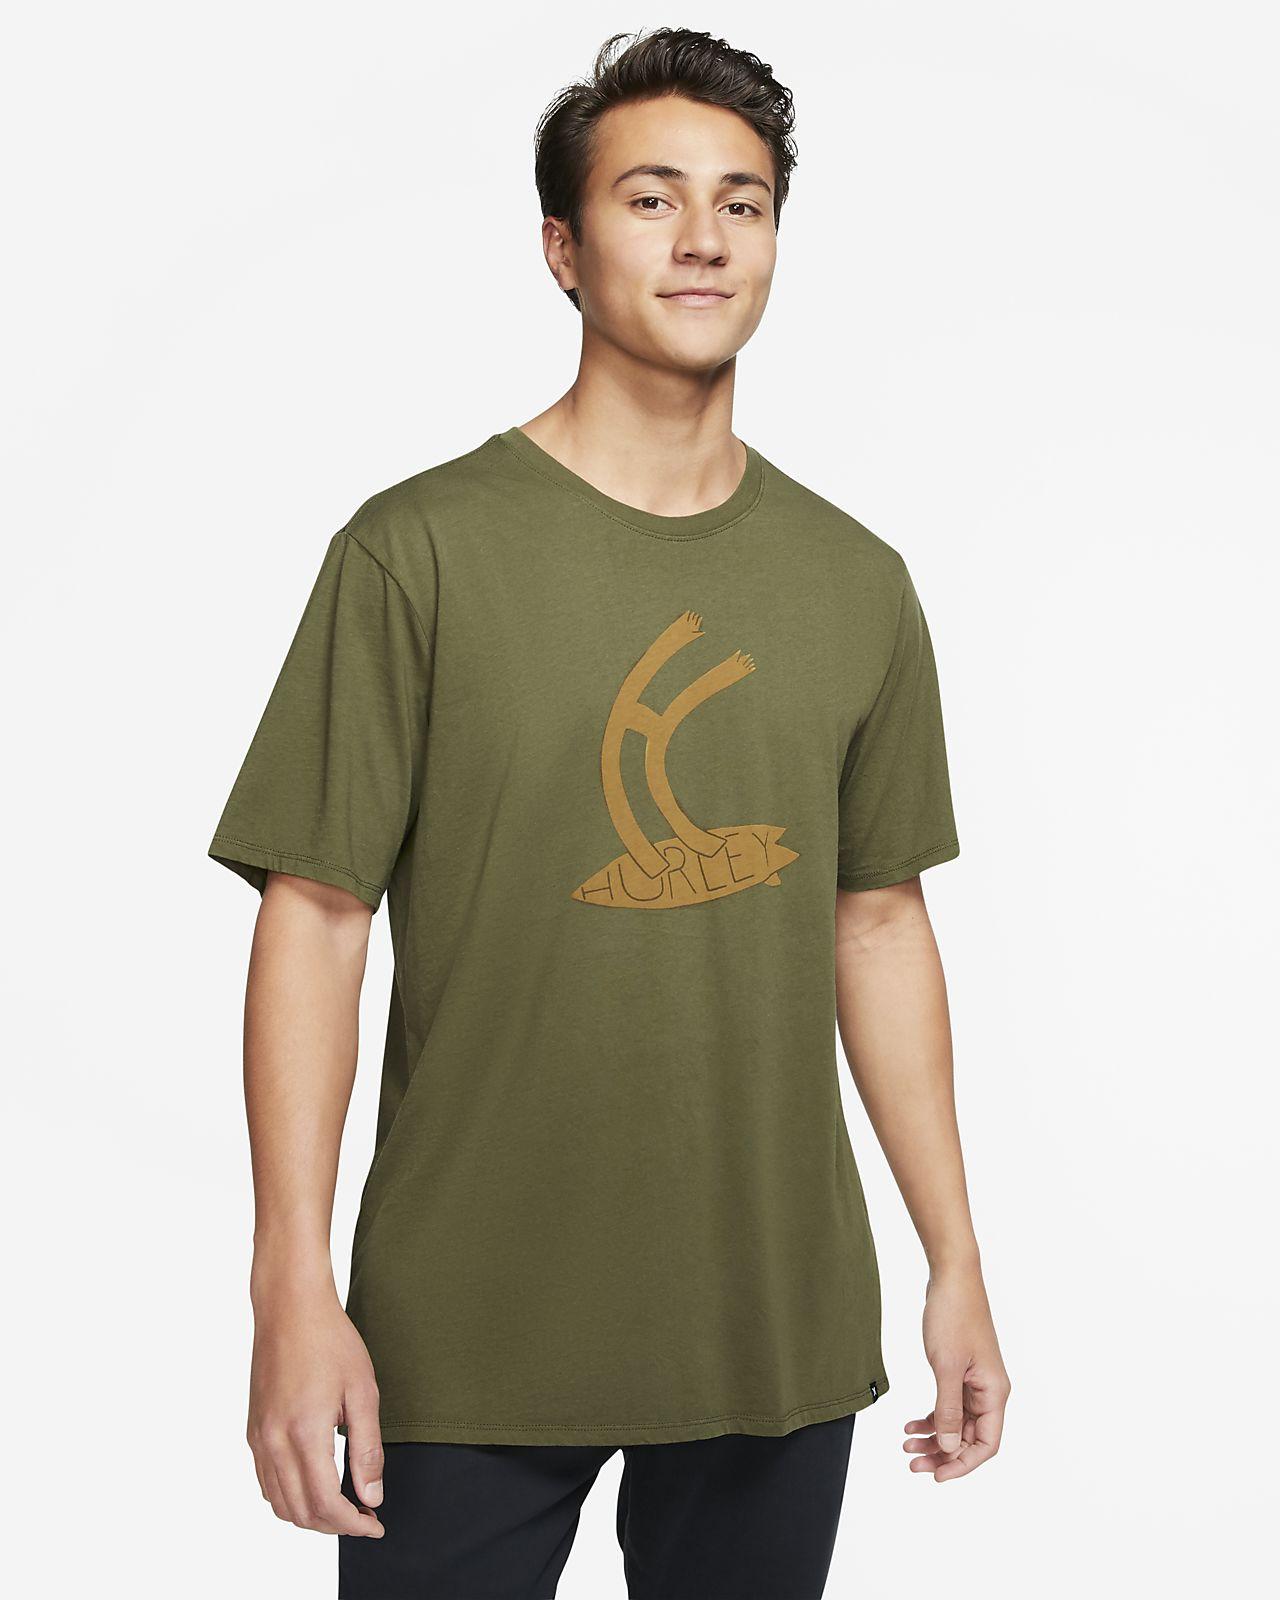 Hurley Stoker Men's T-Shirt